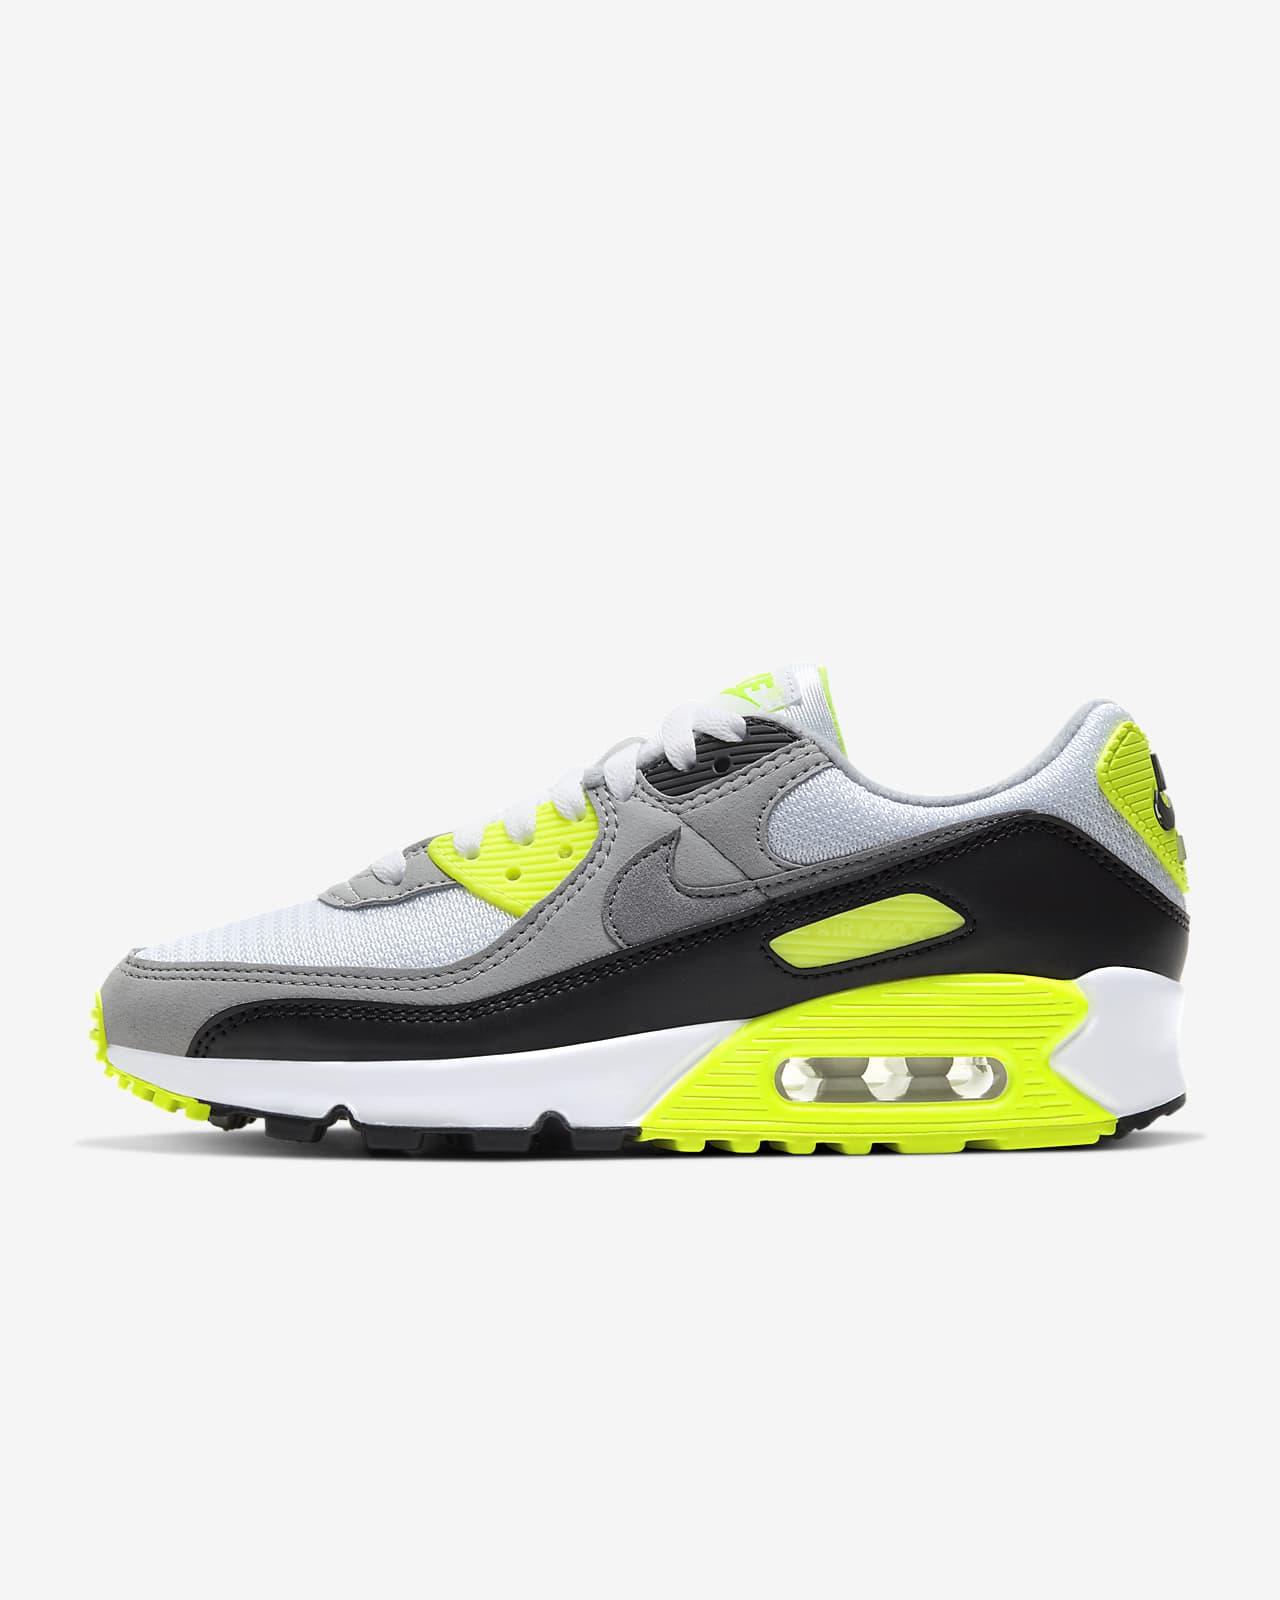 Nike Air Max 90 damesko